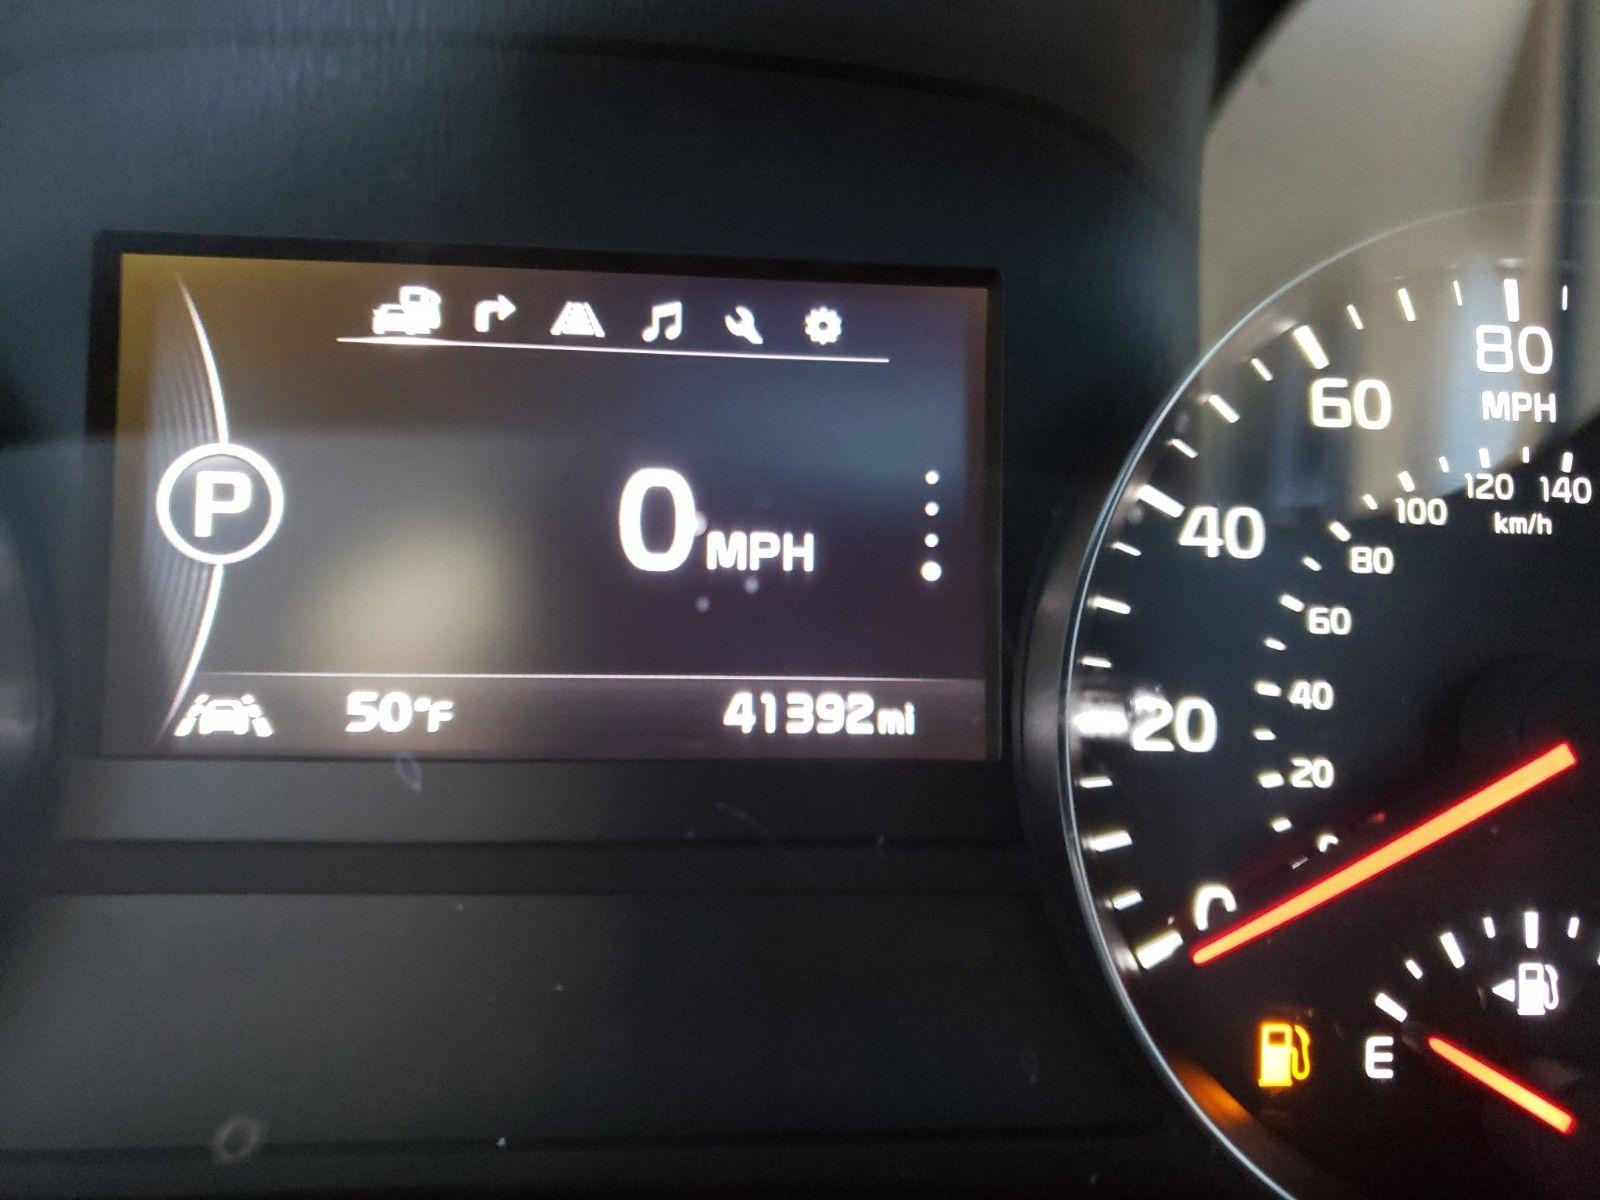 2019 KIA SPORTAGE AWD 4C SX TURBO - 12